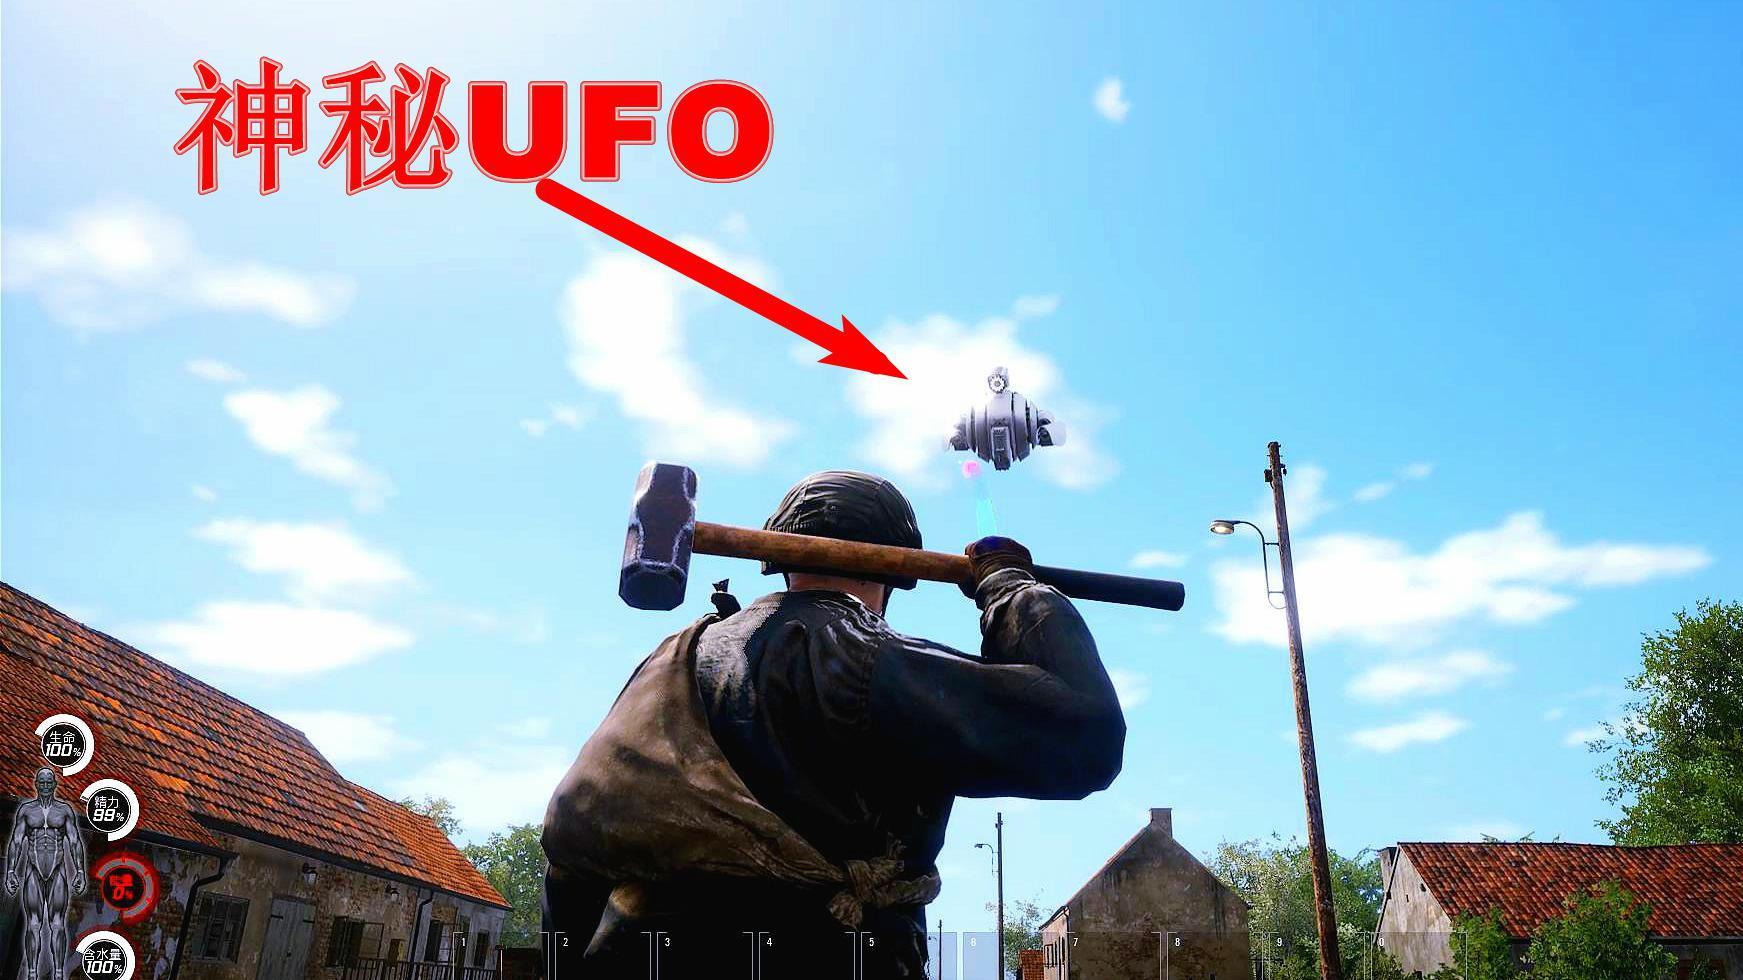 """人渣Scum:一路都被神秘UFO监视,用""""雷神之锤""""砸向它会怎样?"""